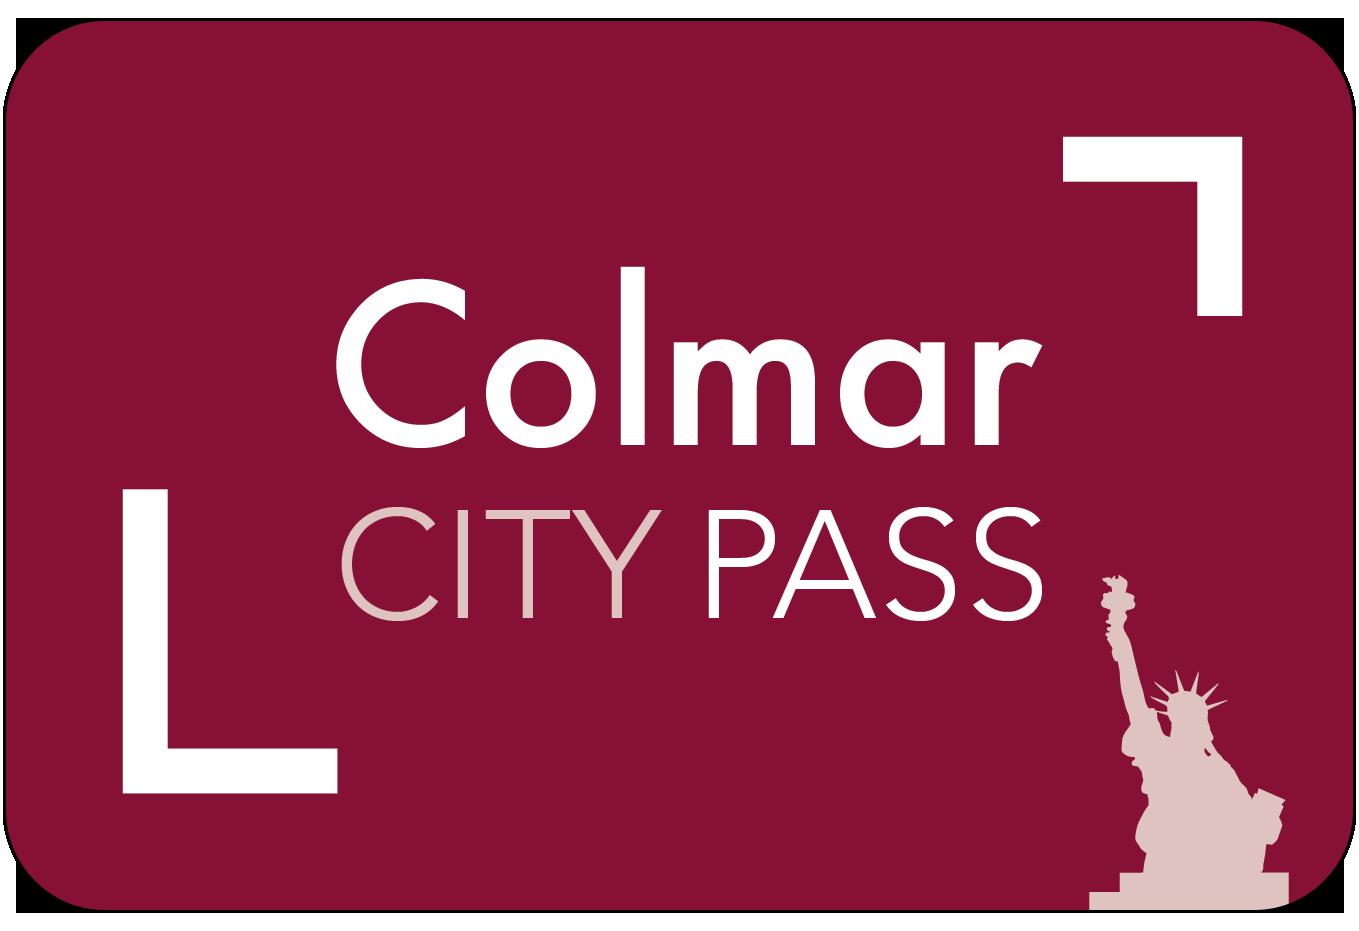 COLMAR CITY PASS